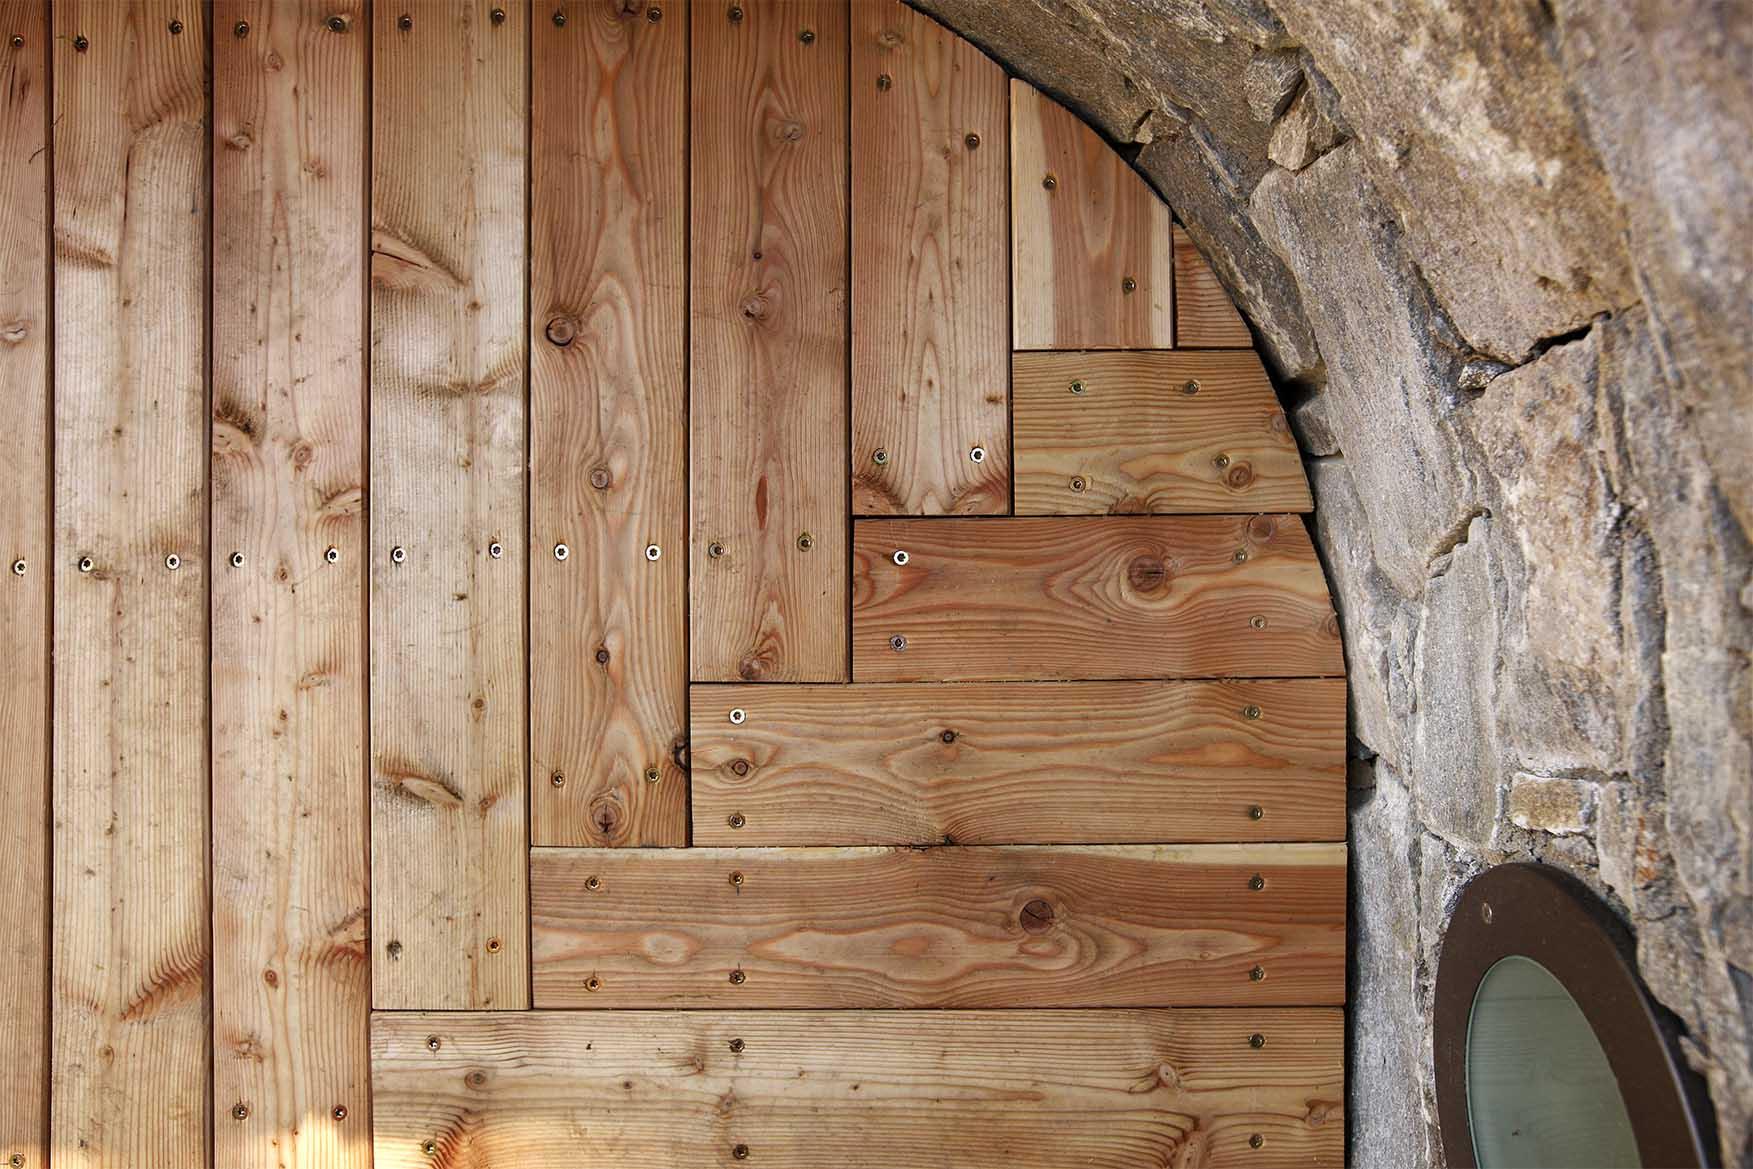 Pavimentazione in legno di larice realizzato da Linea Montanalegno - ILT